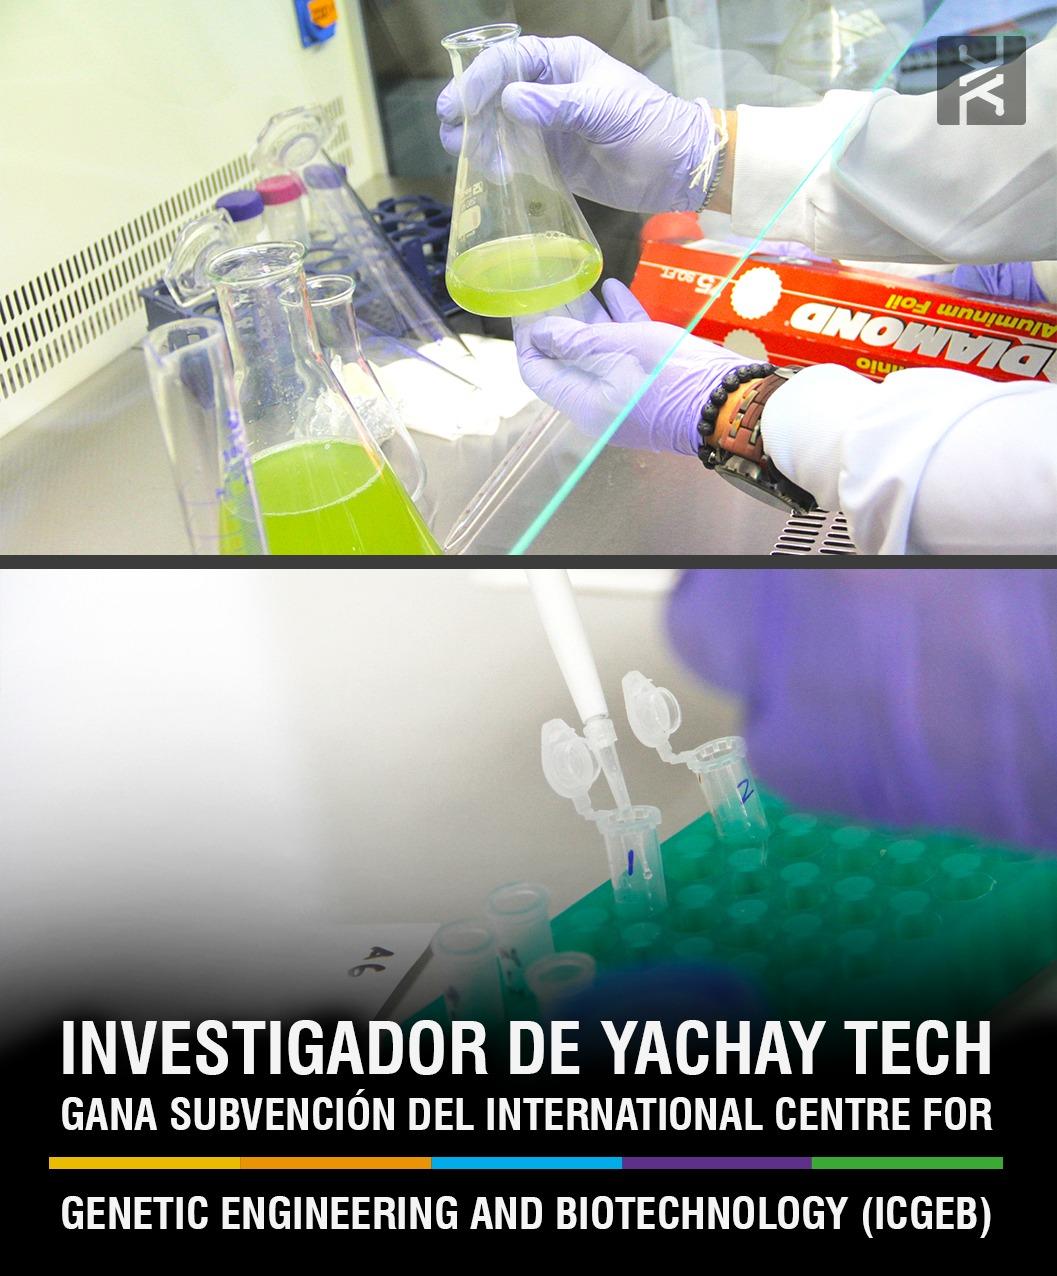 INVESTIGADOR DE YACHAY TECH, GANA SUBVENCIÓN DEL INTERNATIONAL CENTRE FOR GENETIC ENGINEERING AND BIOTECHNOLOGY (ICGEB)